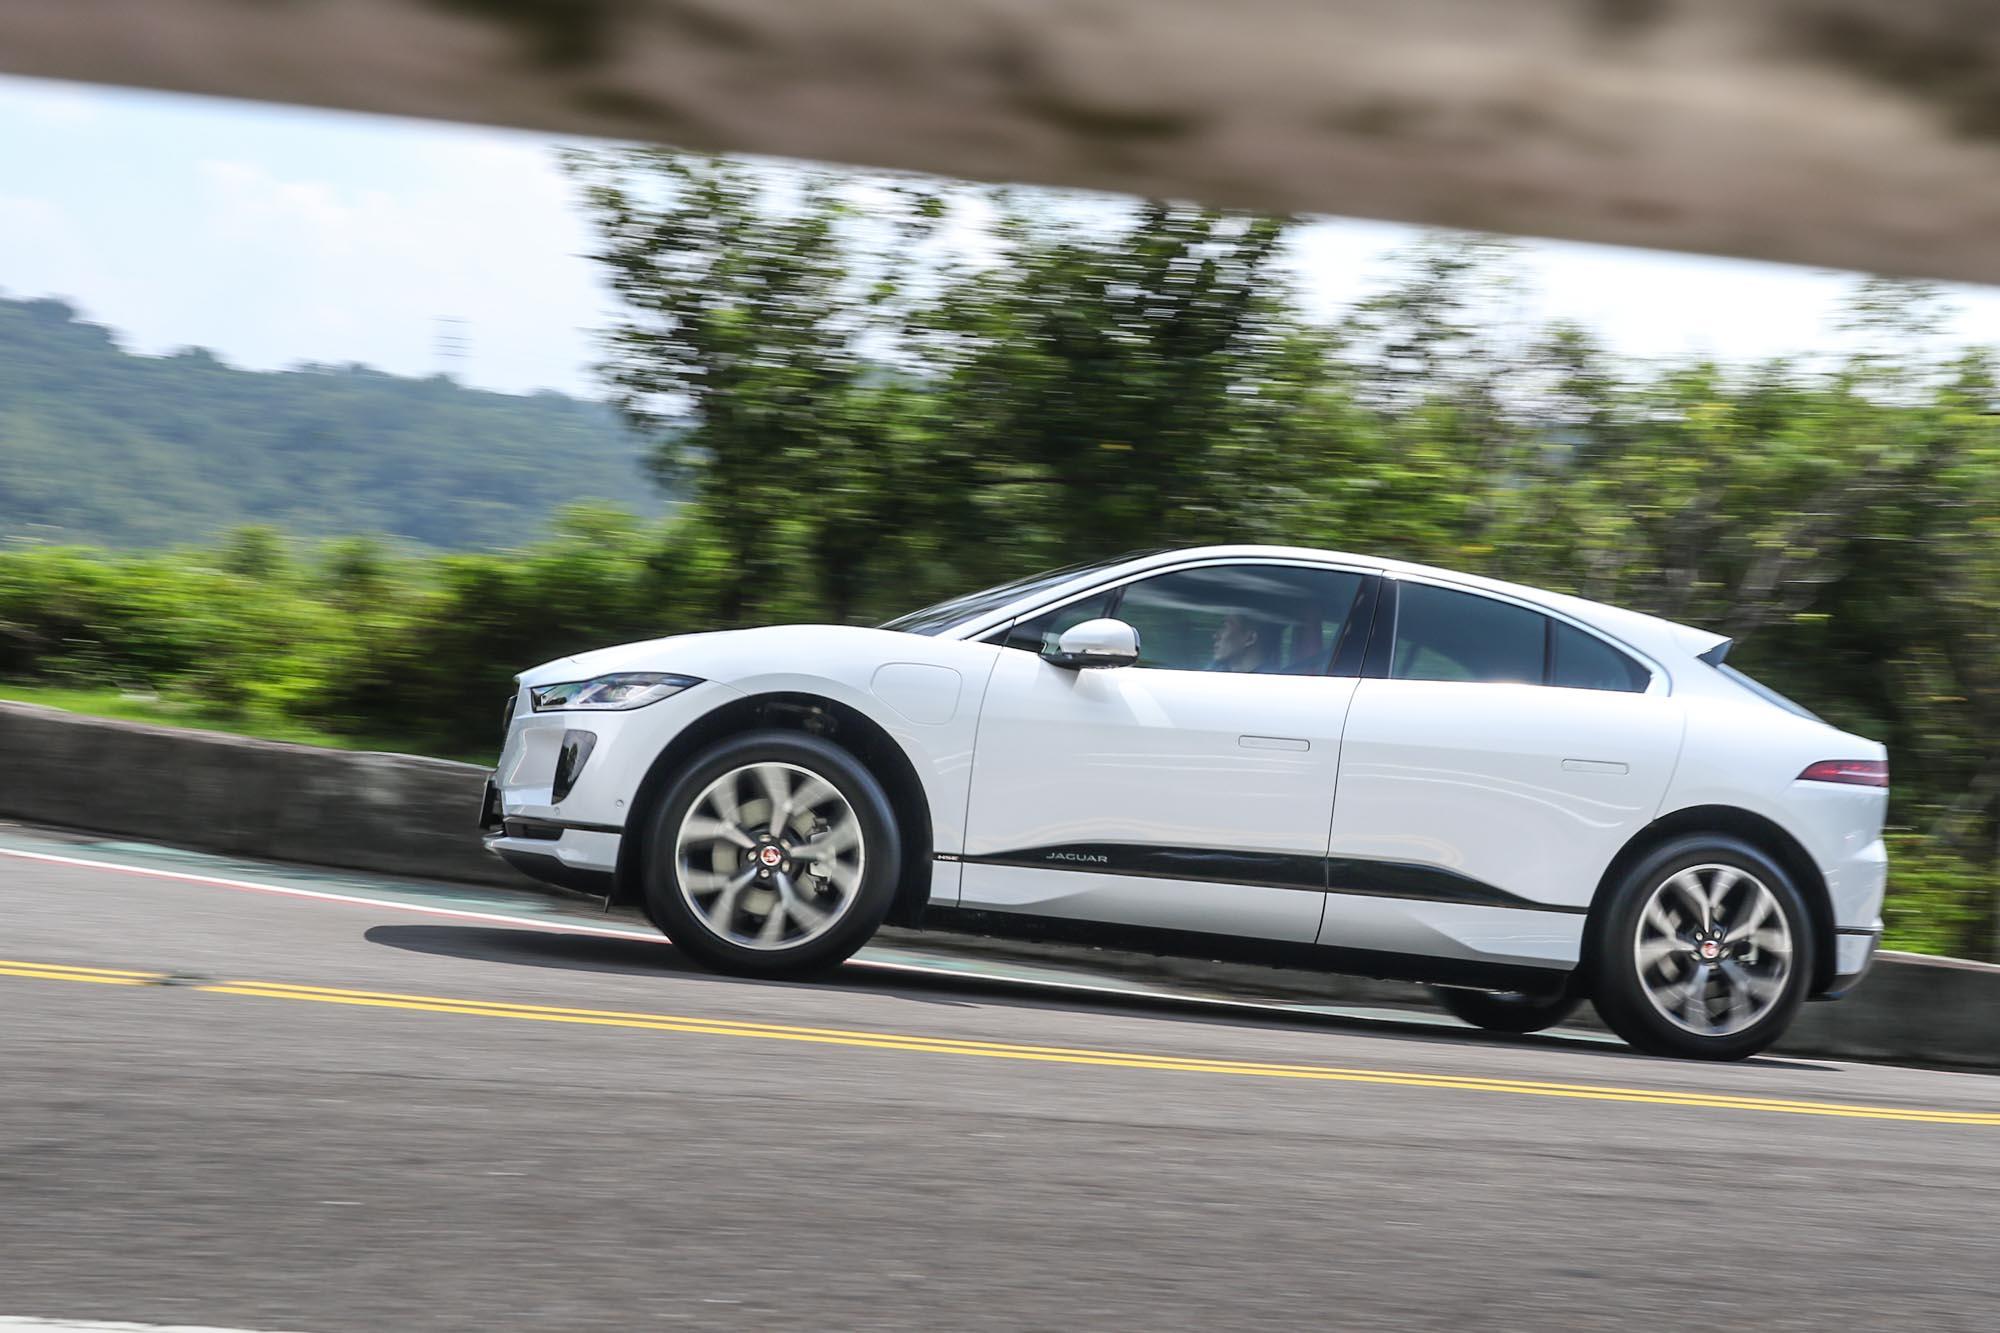 原廠數據顯示,I-Pace從靜止加速至100km/h 僅需 4.8 秒就可完成。